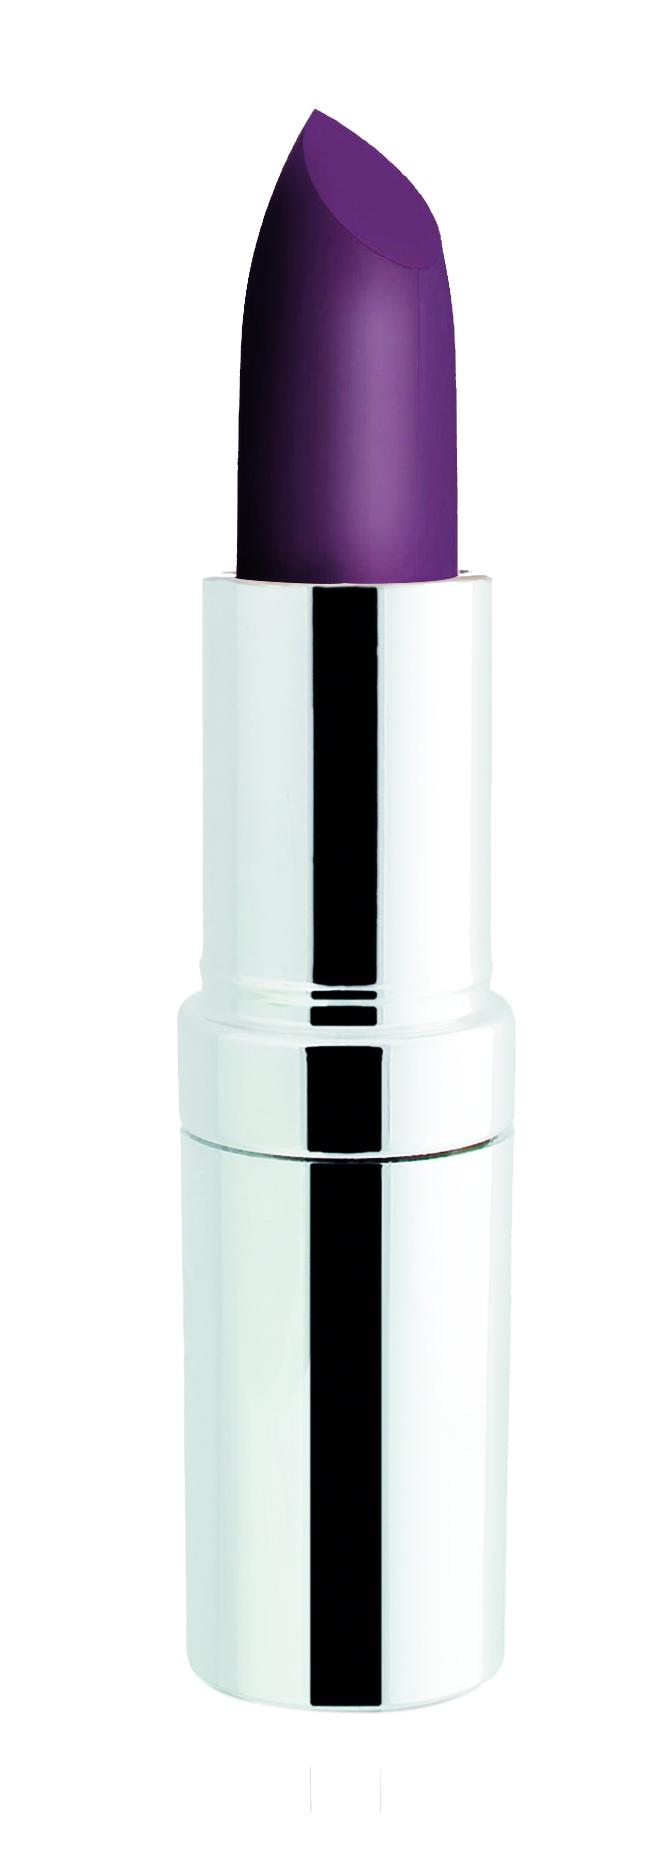 SEVENTEEN Помада губная устойчивая матовая SPF 15, 43 очень глубокий красно-пурпурный / Matte Lasting Lipstick 5 г